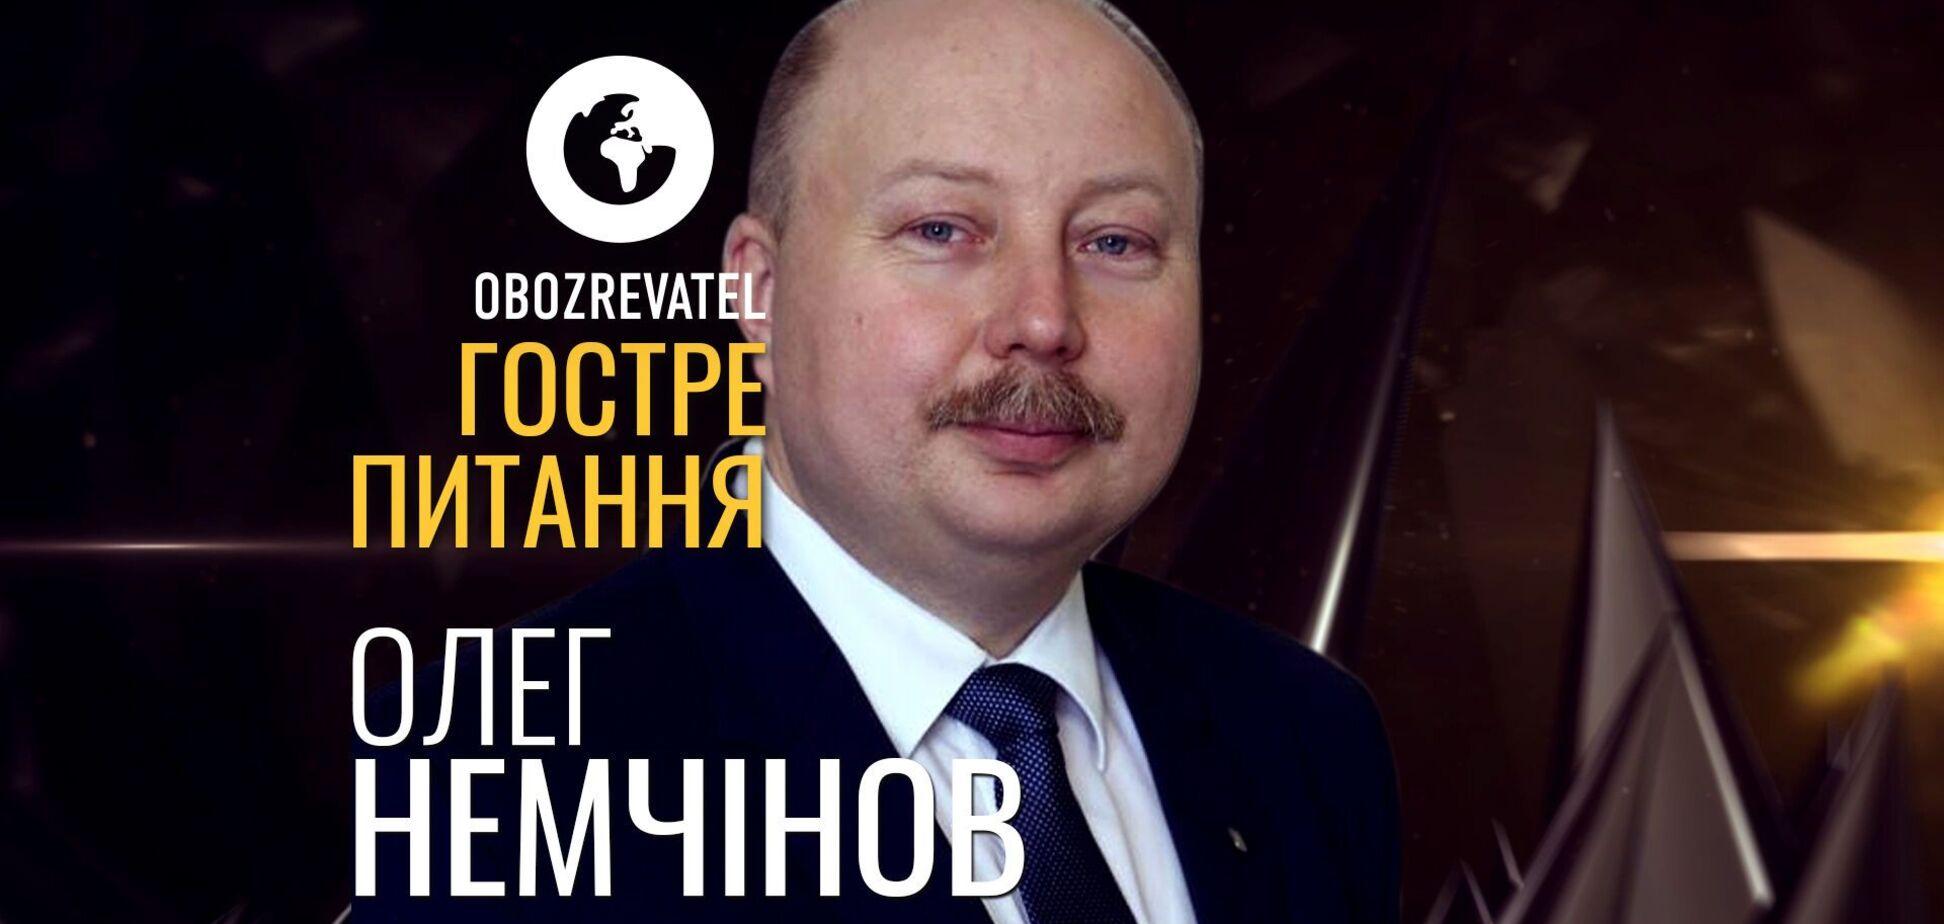 Олег Немчінов – Гостре питання